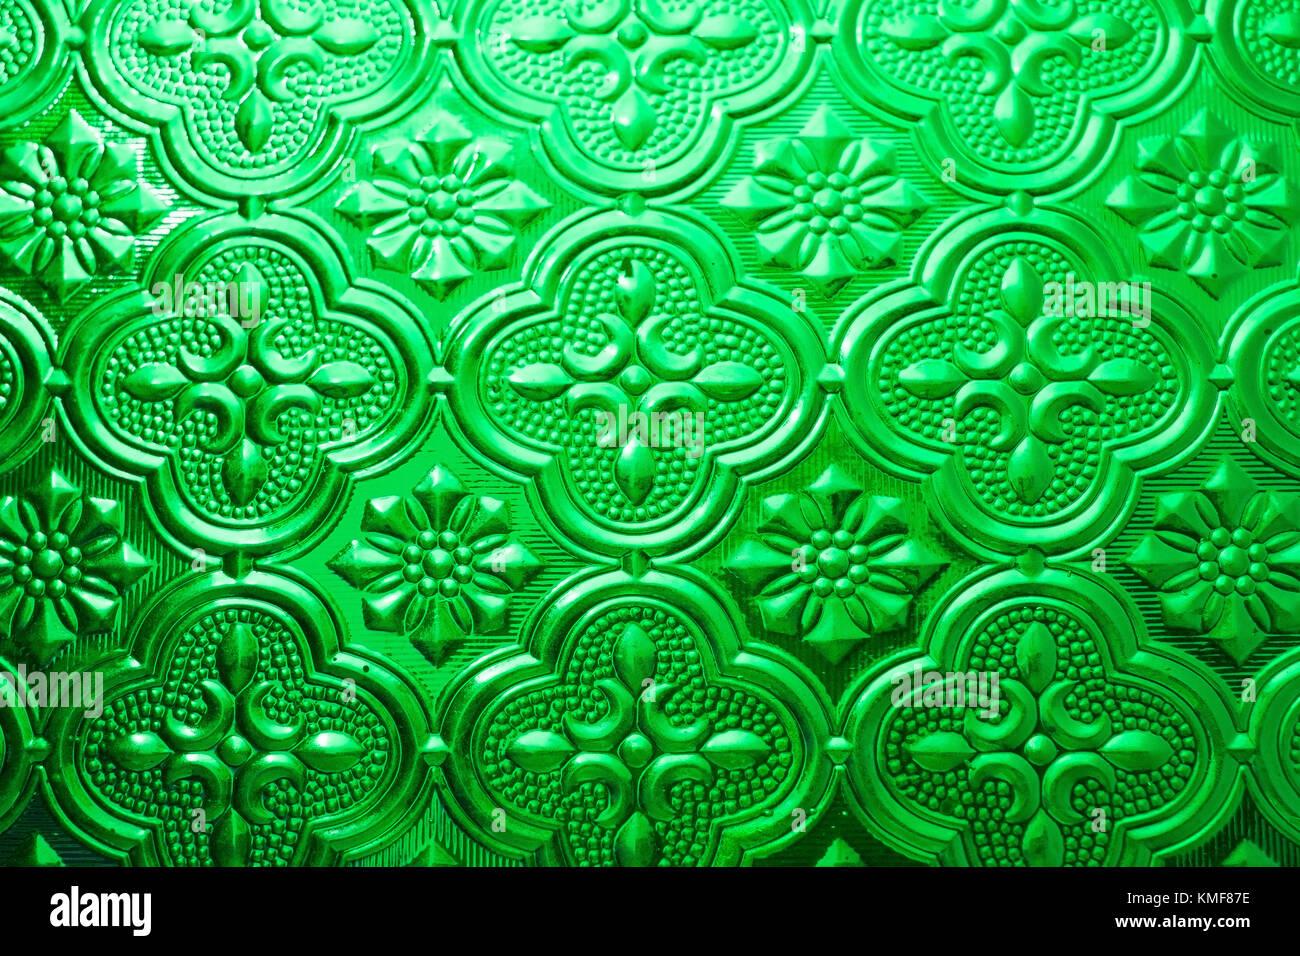 Beeindruckend Muster Wand Sammlung Von Glas Hintergrund. Innere Dekoration 3d Abstrakt Floral